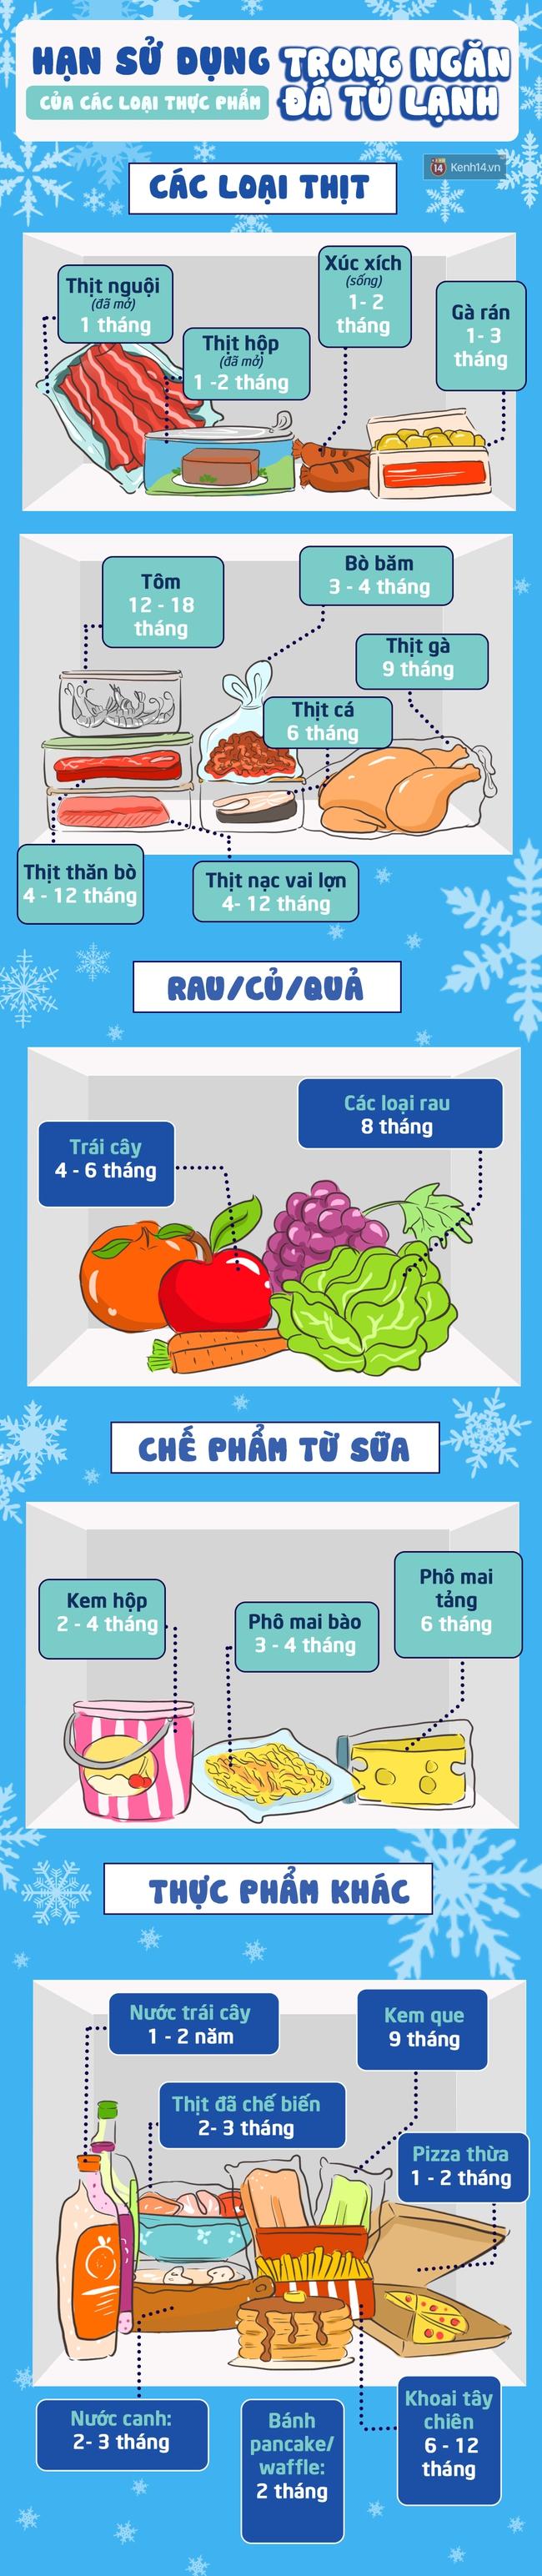 Bạn có biết thực sự chúng ta có thể để các loại thực phẩm trong tủ lạnh bao lâu không? - Ảnh 1.